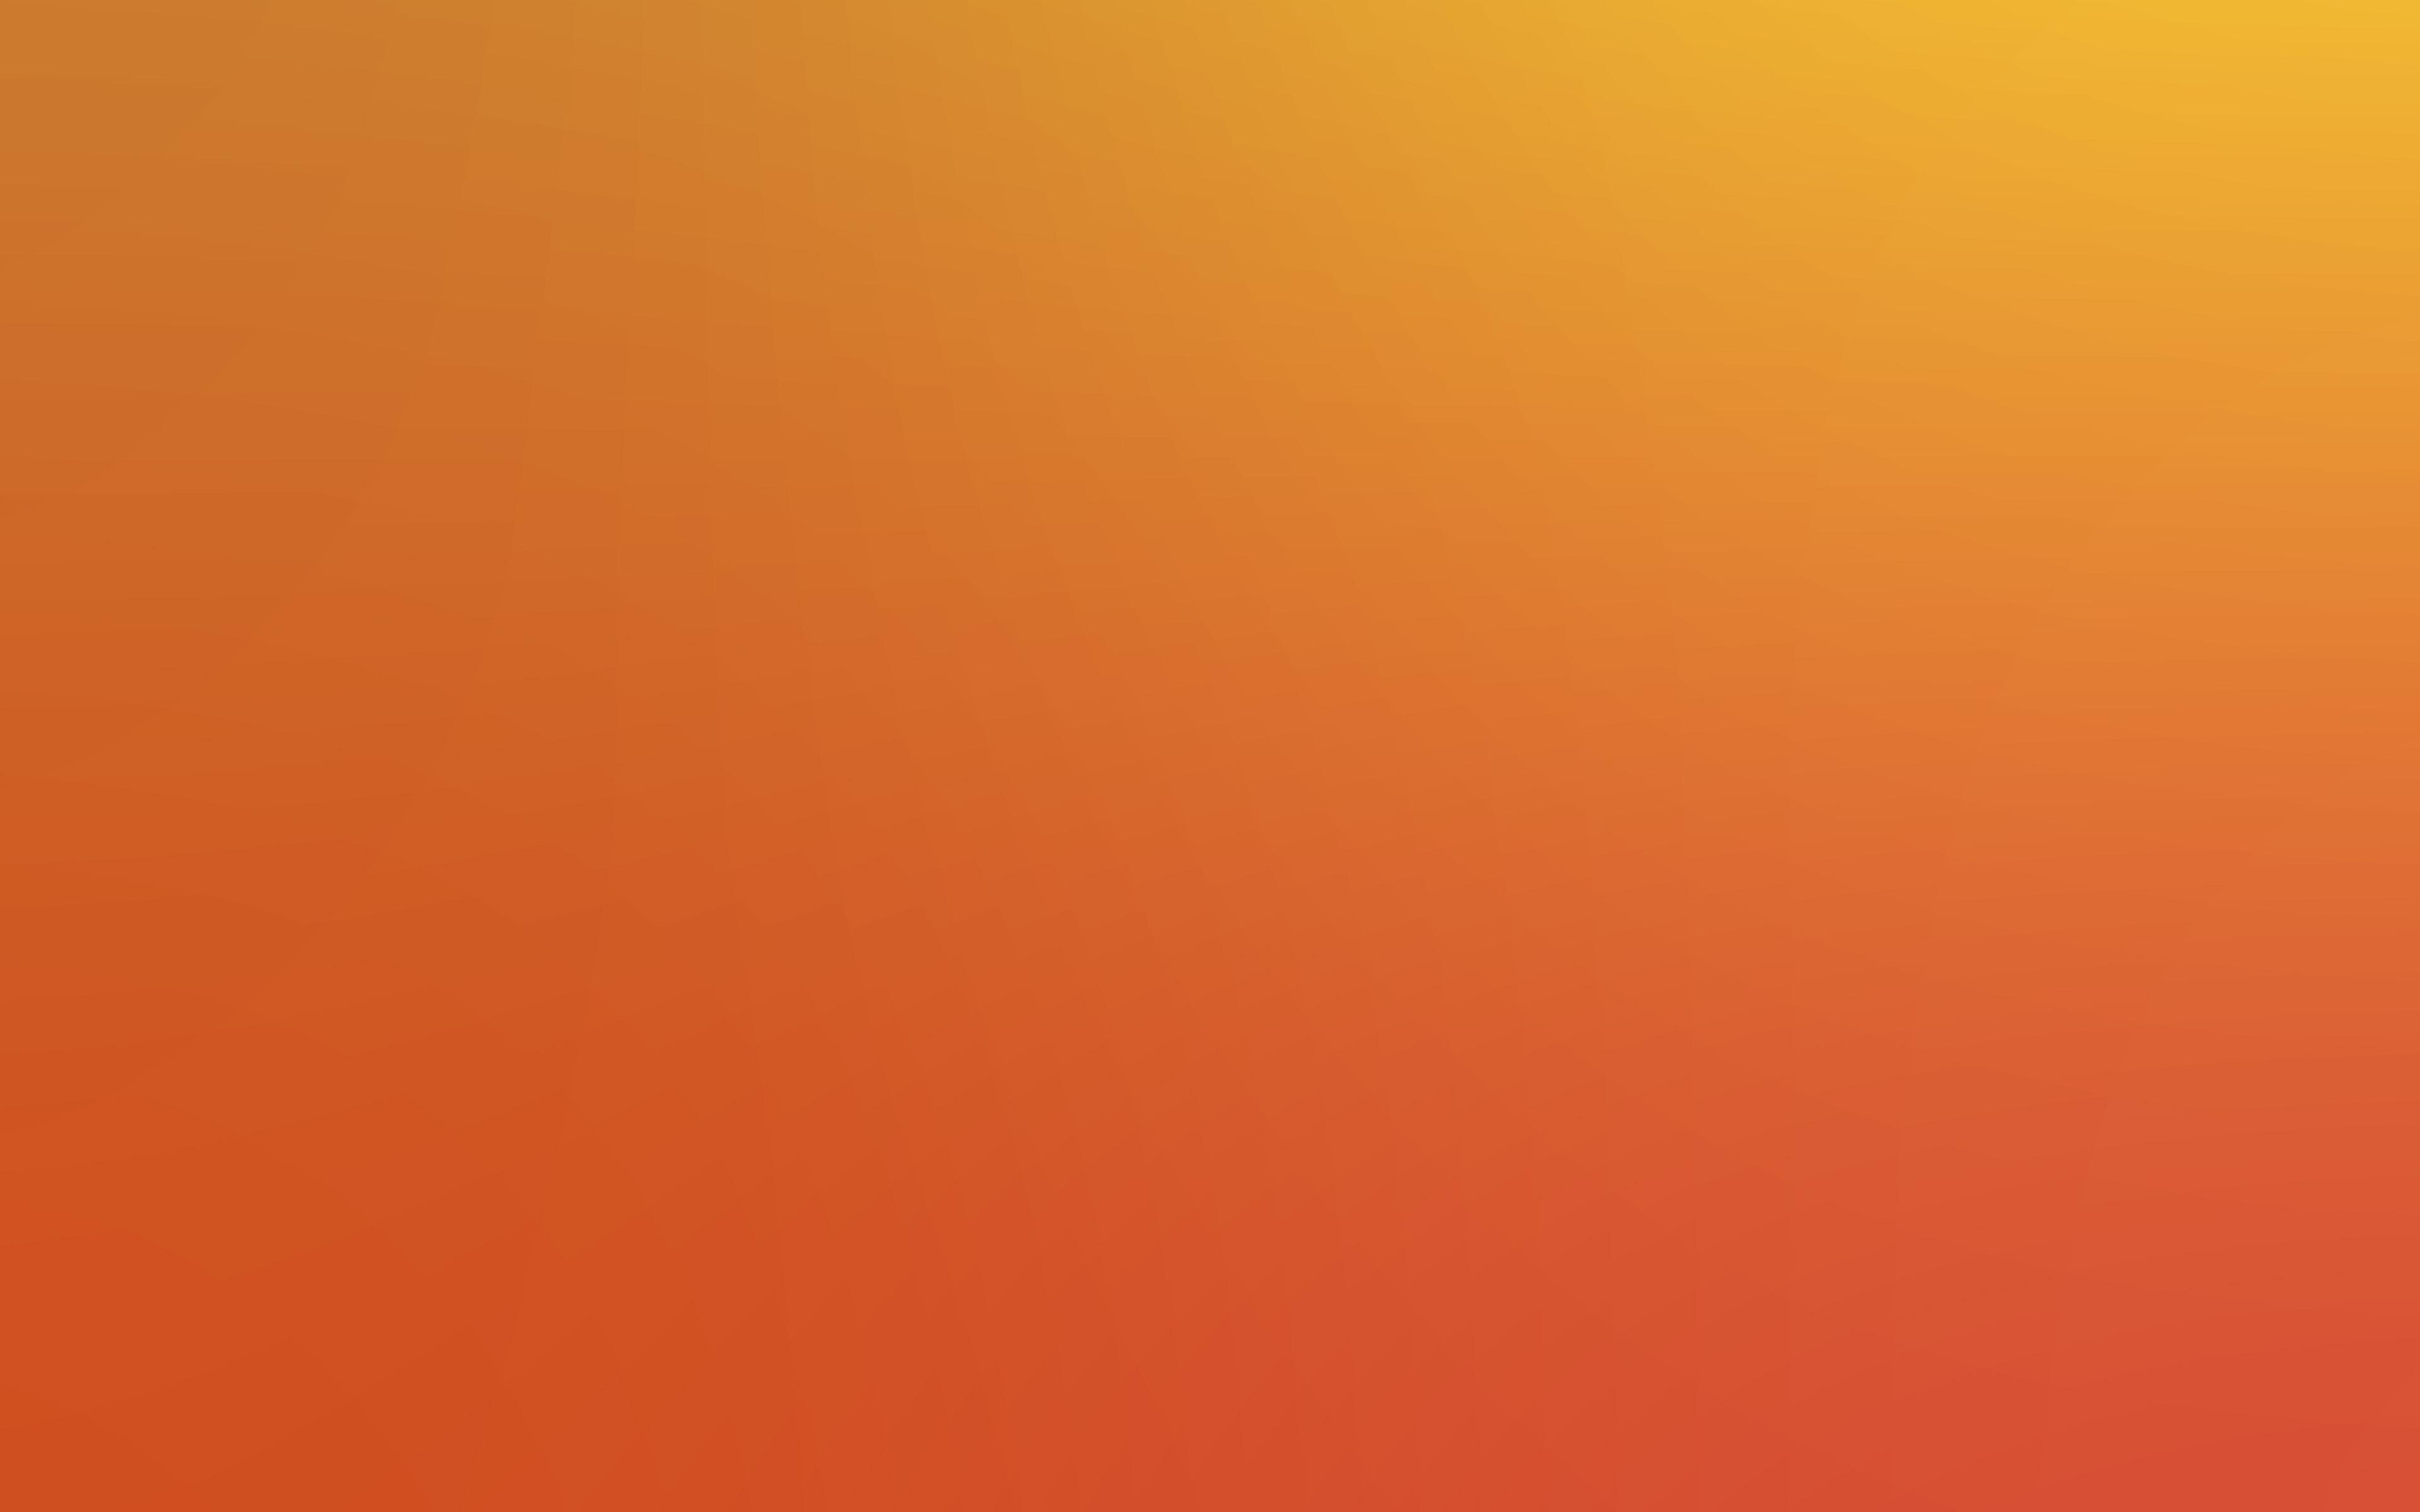 Wallpaper Orange blur gradient